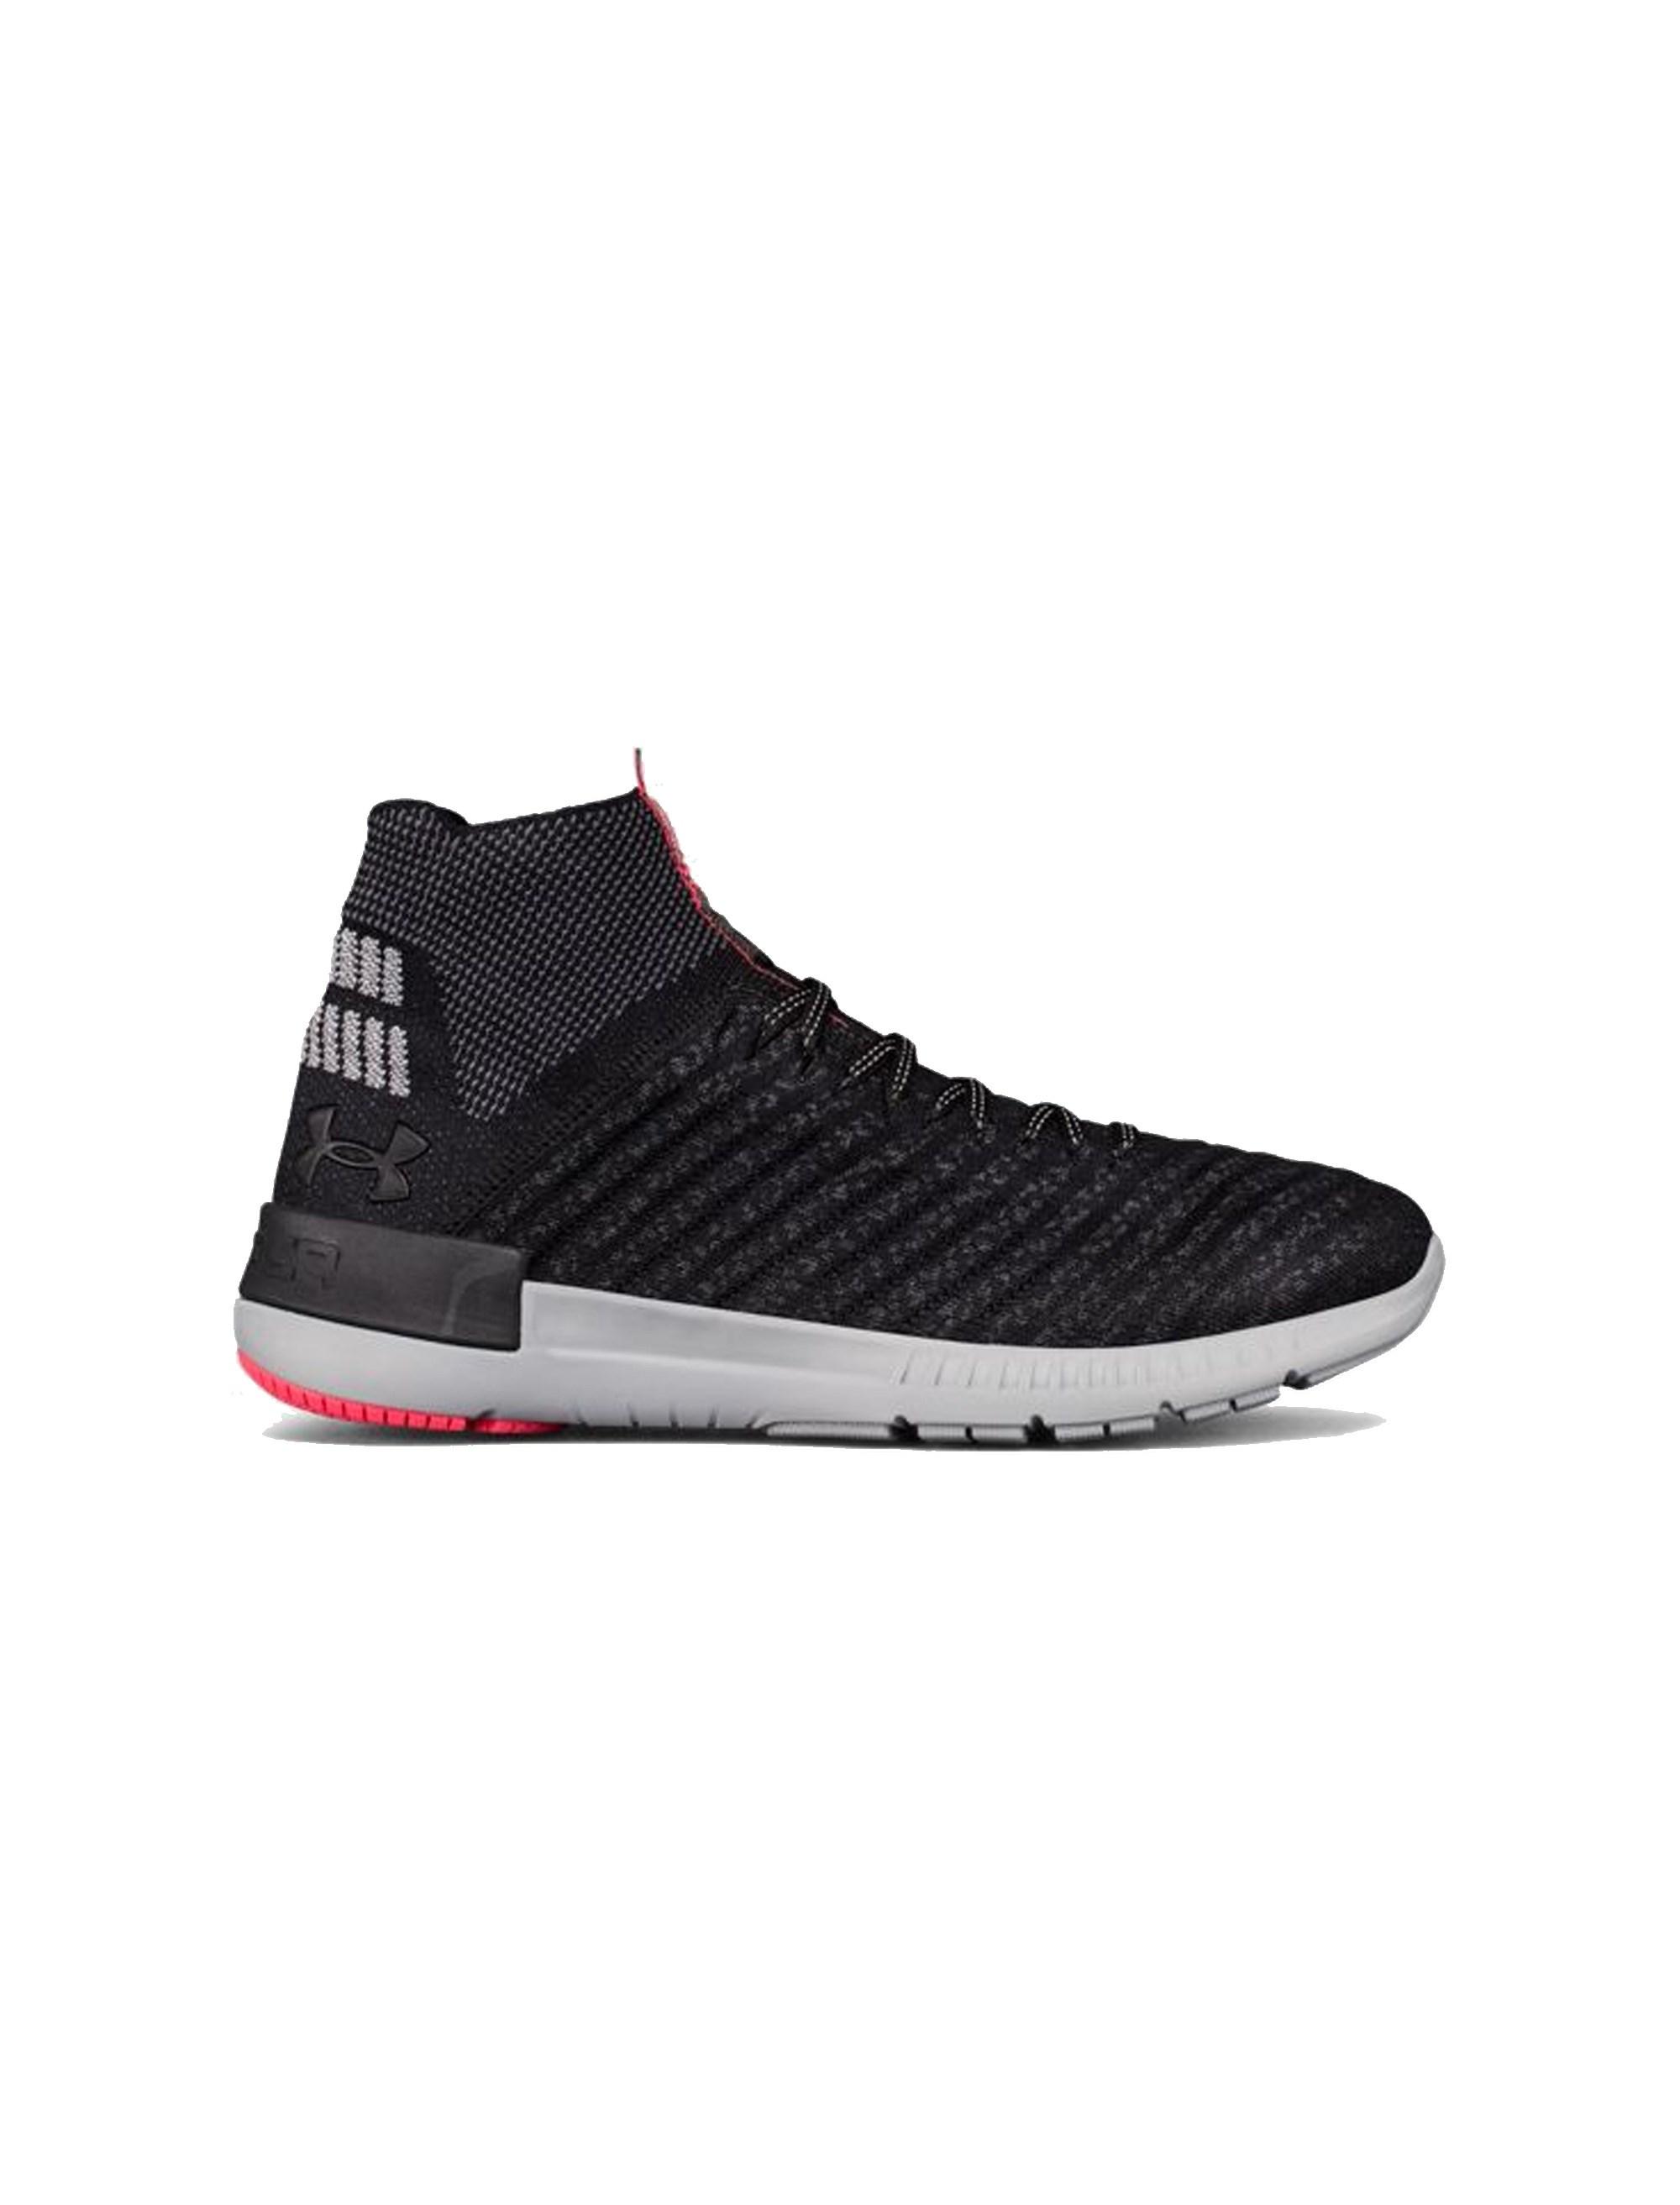 قیمت کفش دویدن بندی مردانه Highlight Delta 2 - آندر آرمور